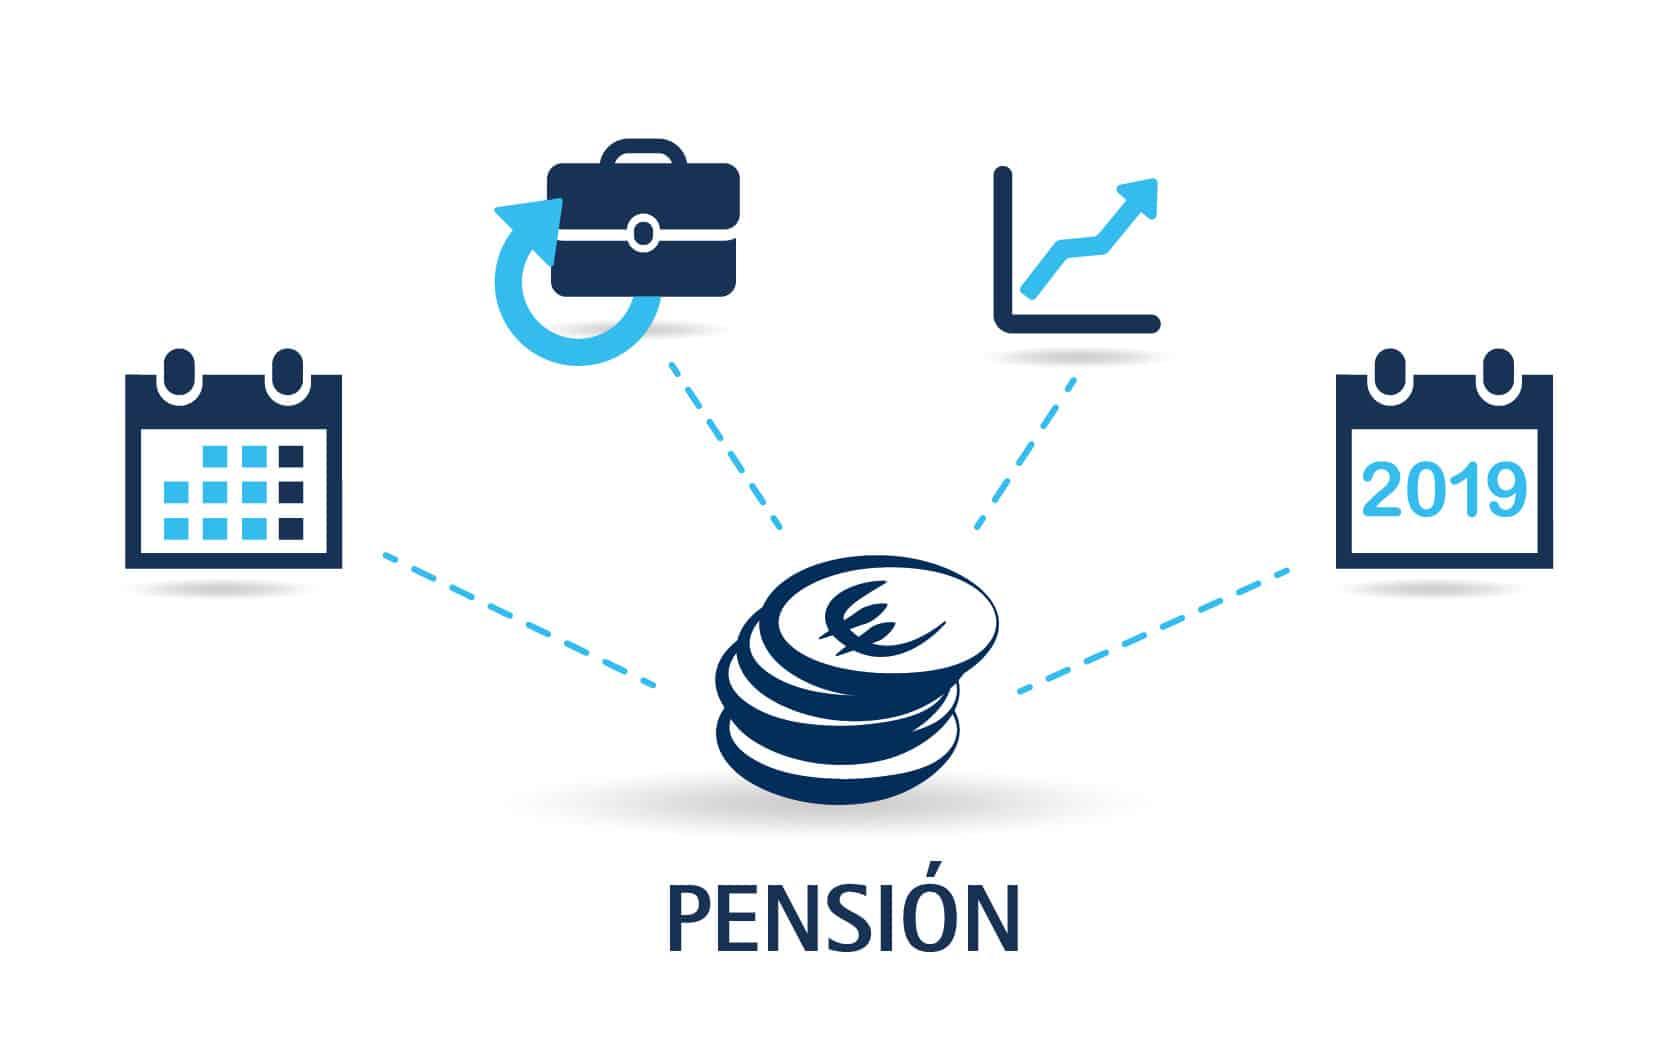 5 factores que influyen en la pensión de Jubilación